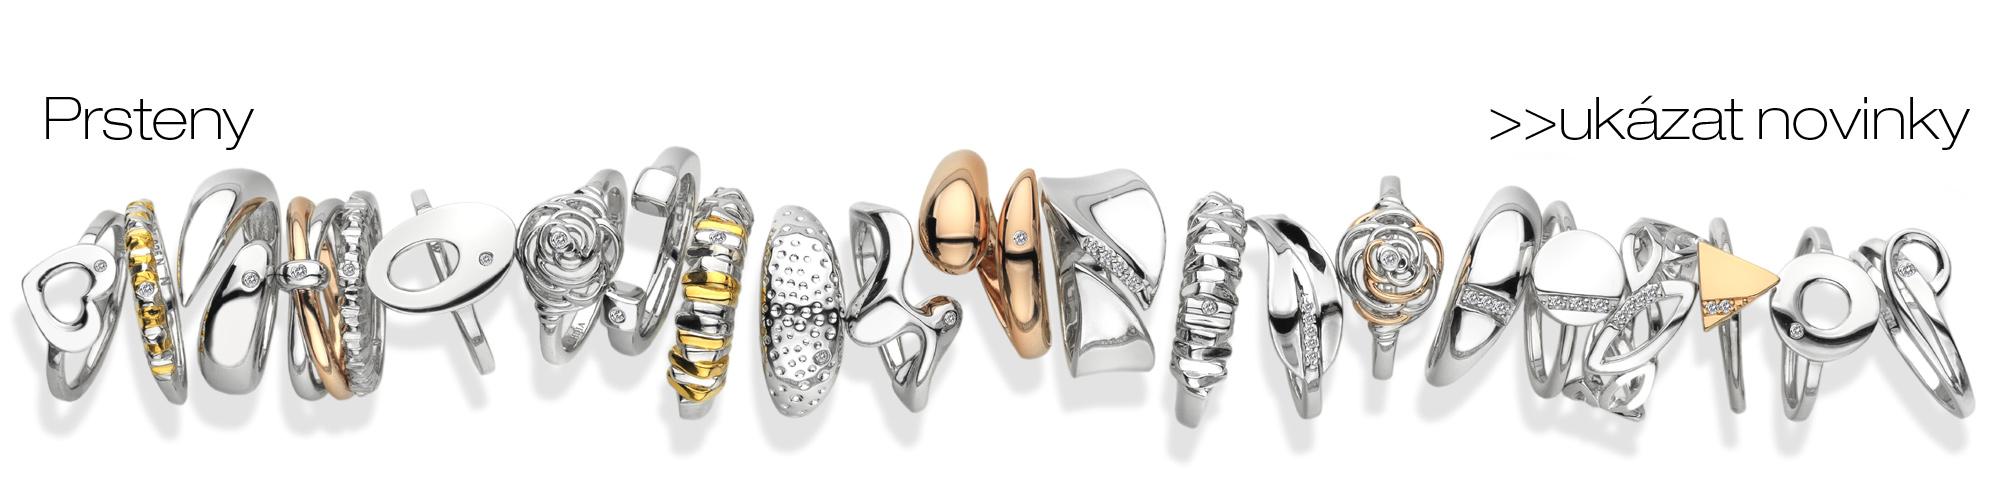 prsteny - Novinka